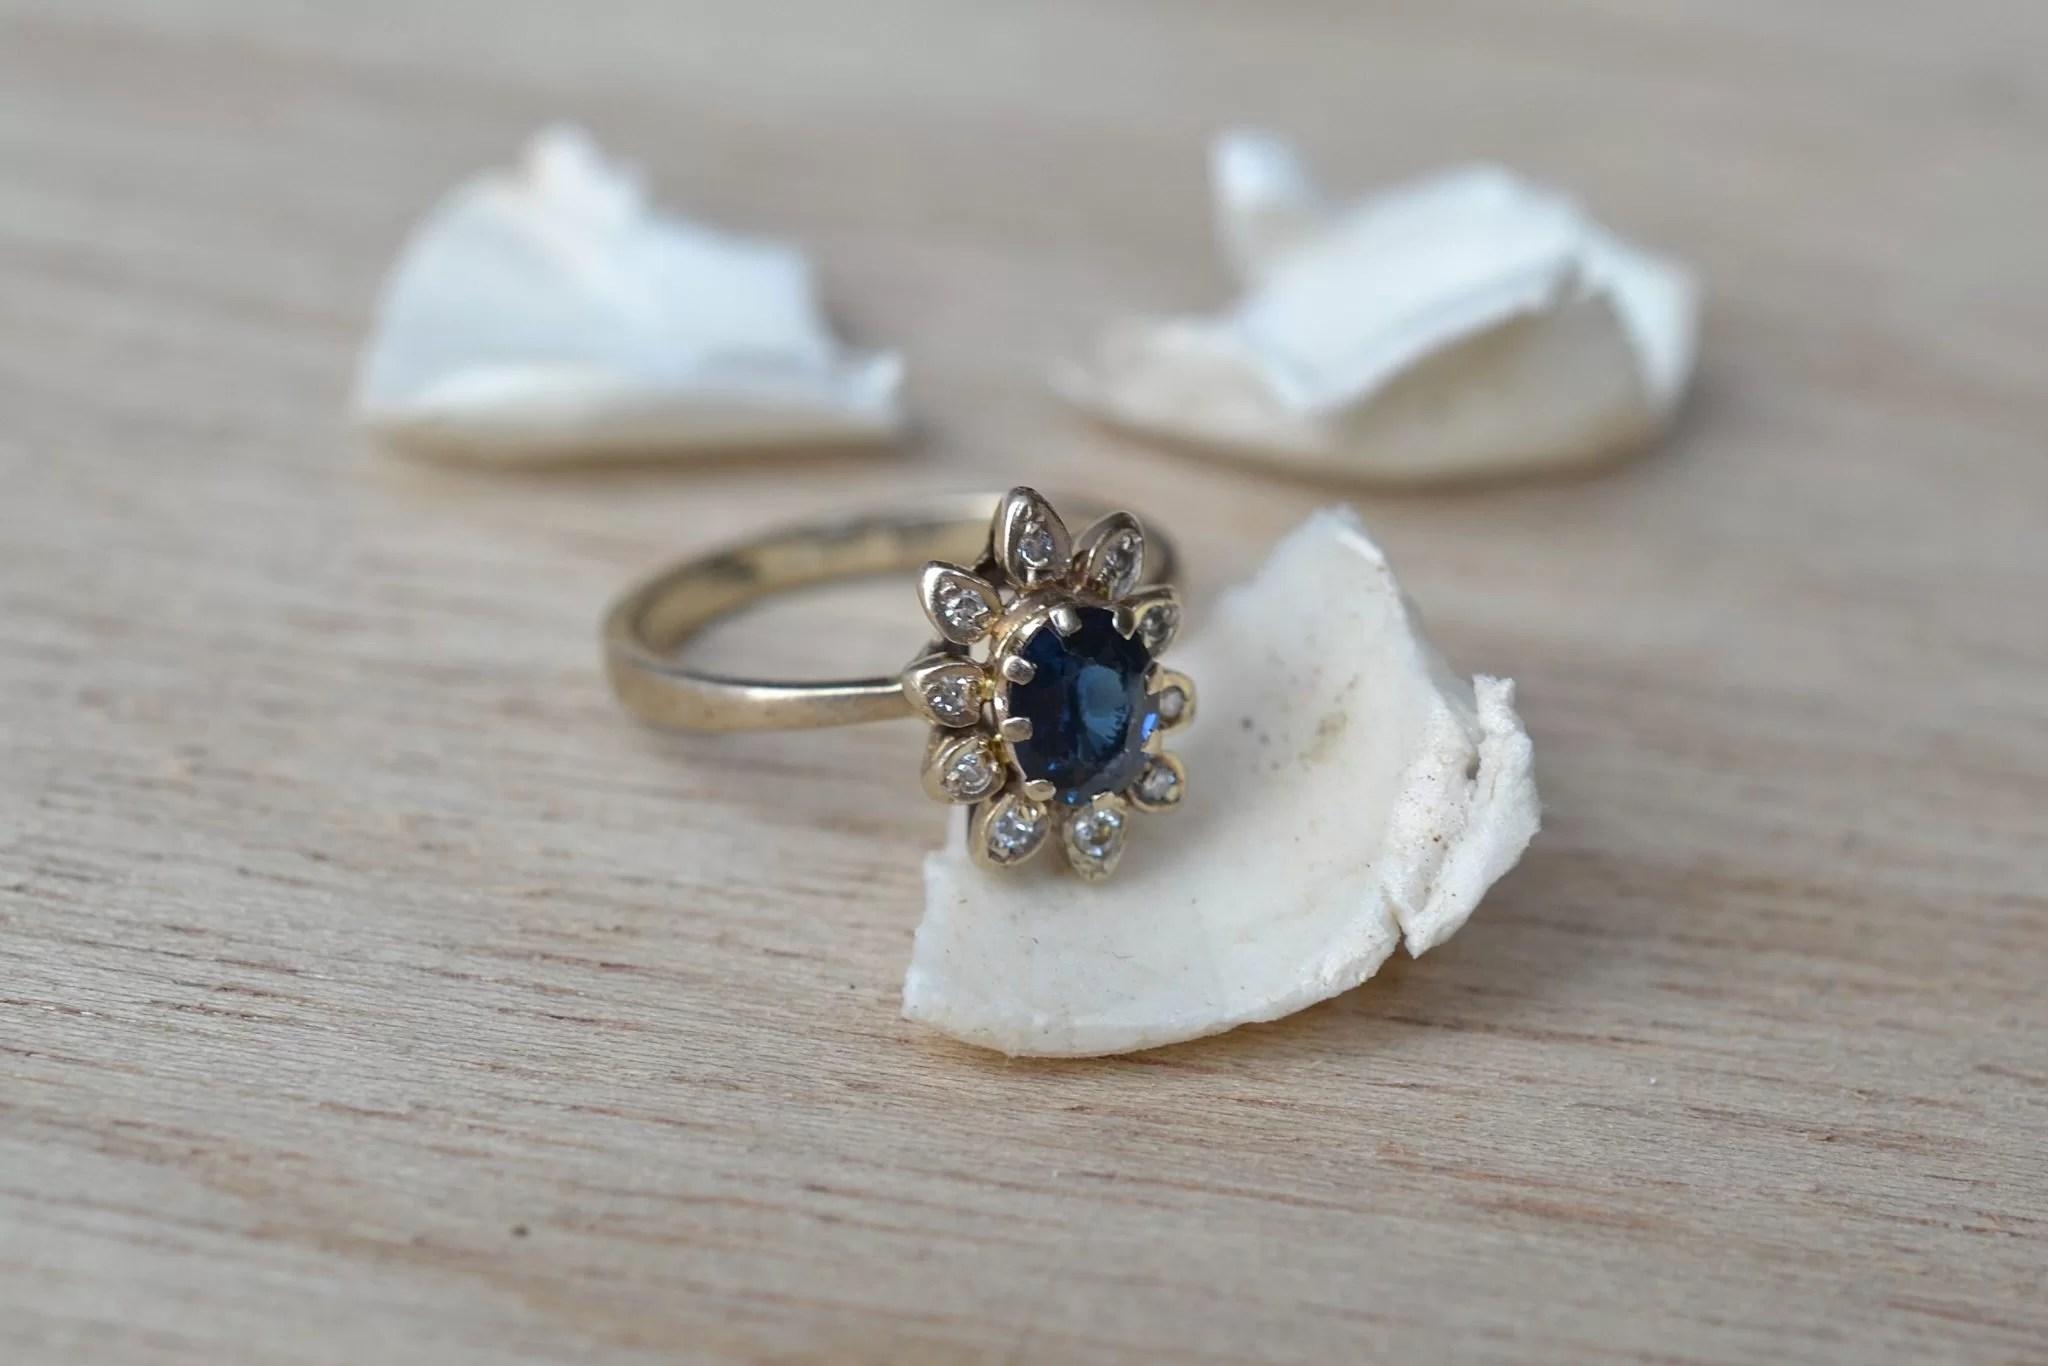 Bague Marguerite En Or Blanc Ornée D_un Saphir égrisé Entouré De Diamants De Taille 8_8 - Bague Ancienne